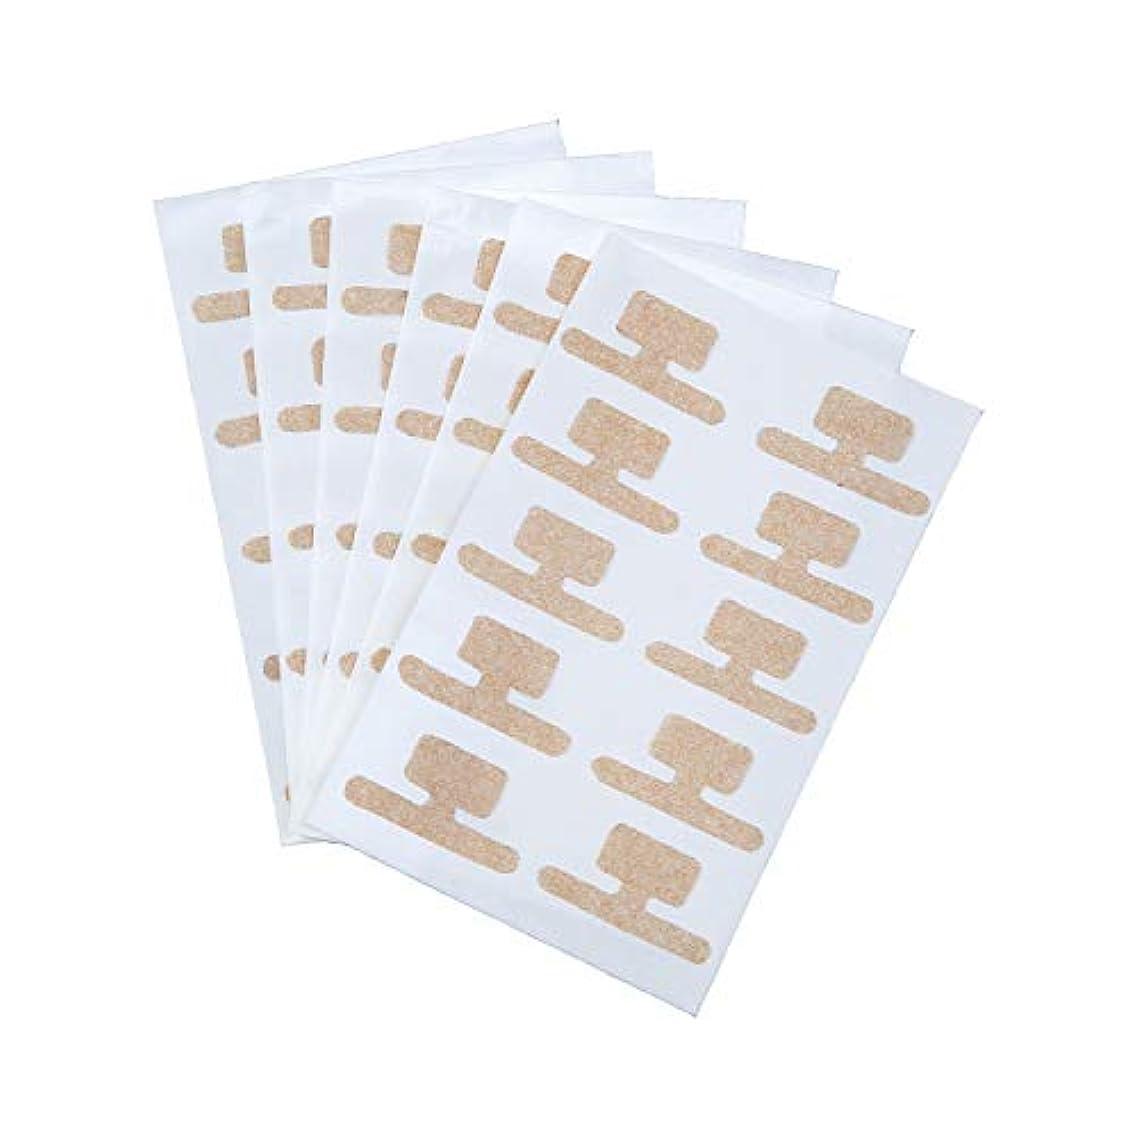 負担開発するである巻き爪ダブルケアテープ 60枚入 持ち上げ シール 食い込み 痛み サポート 貼るだけ 足 フットケア